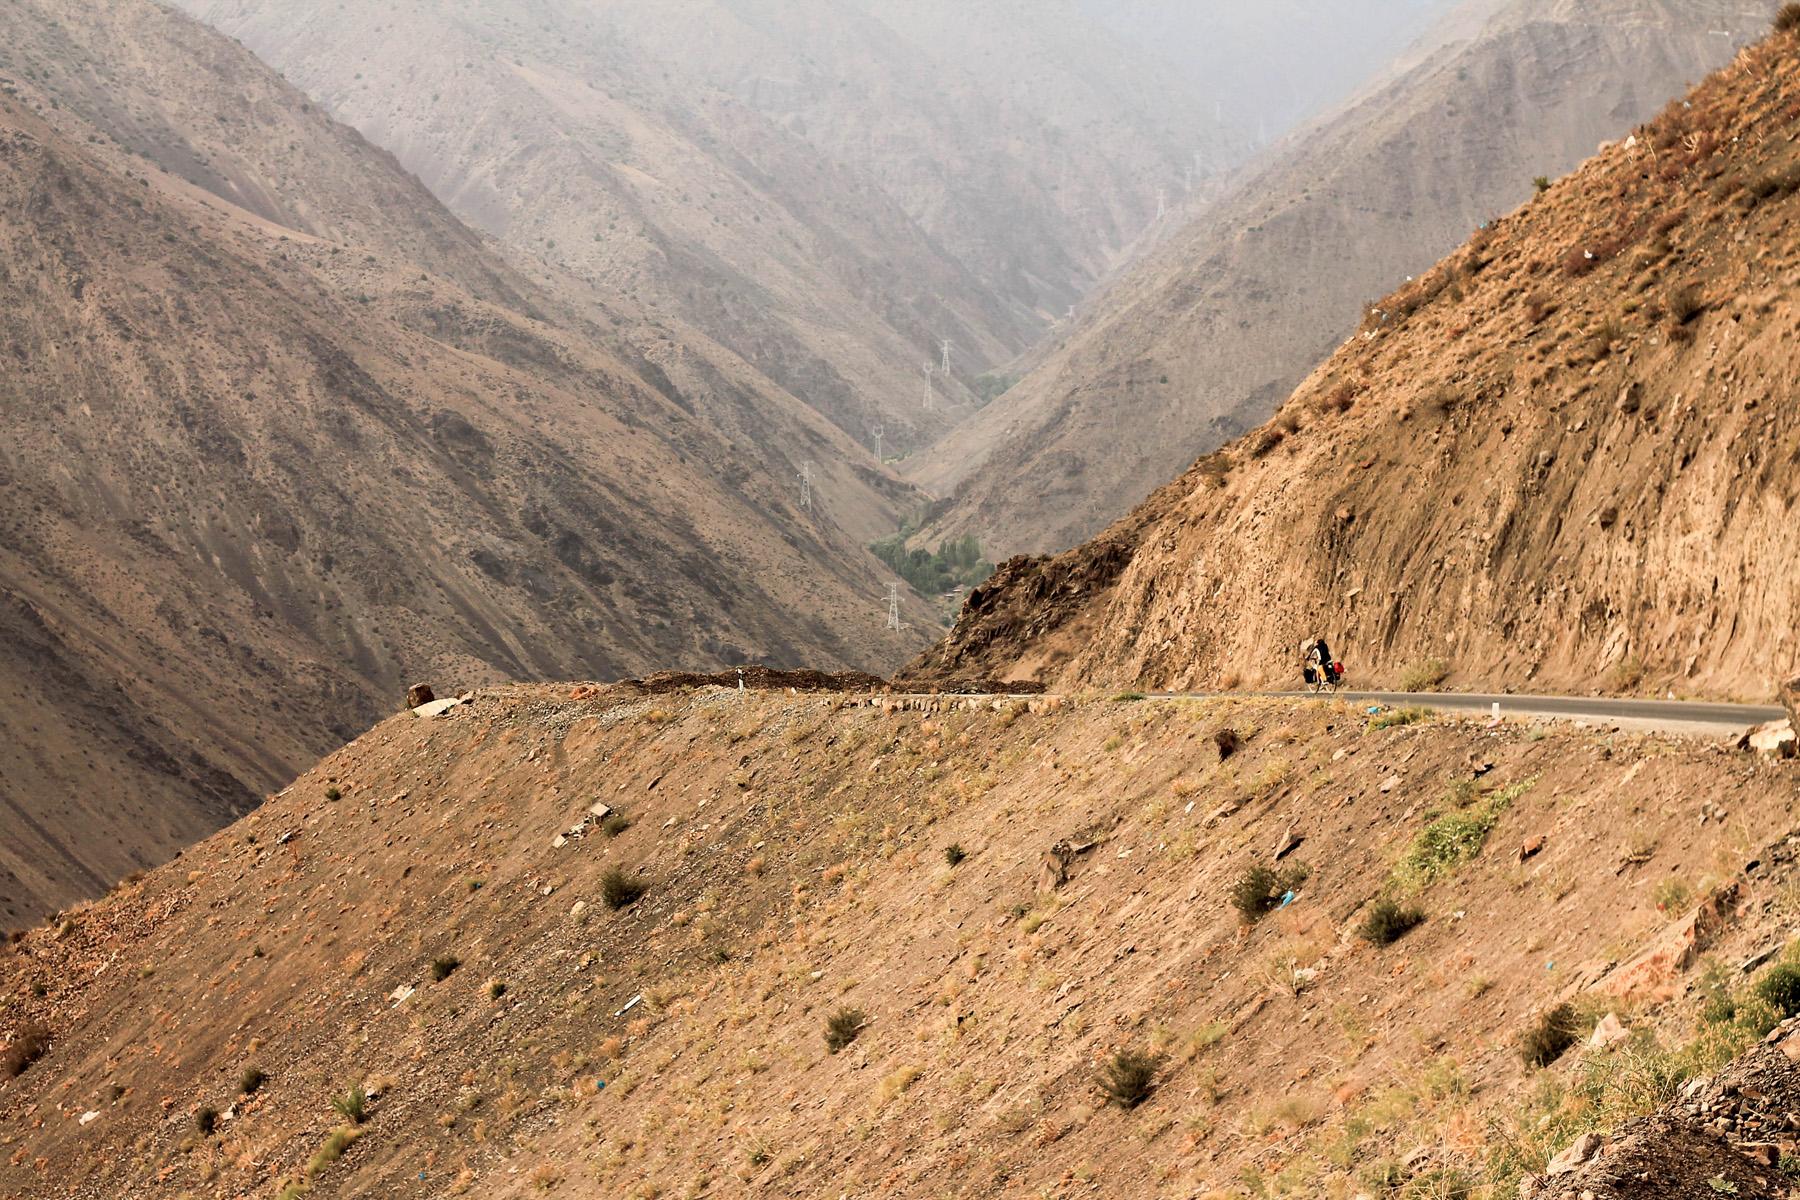 Górska droga pomiędzy przełęczami Anzob i Shahristan.